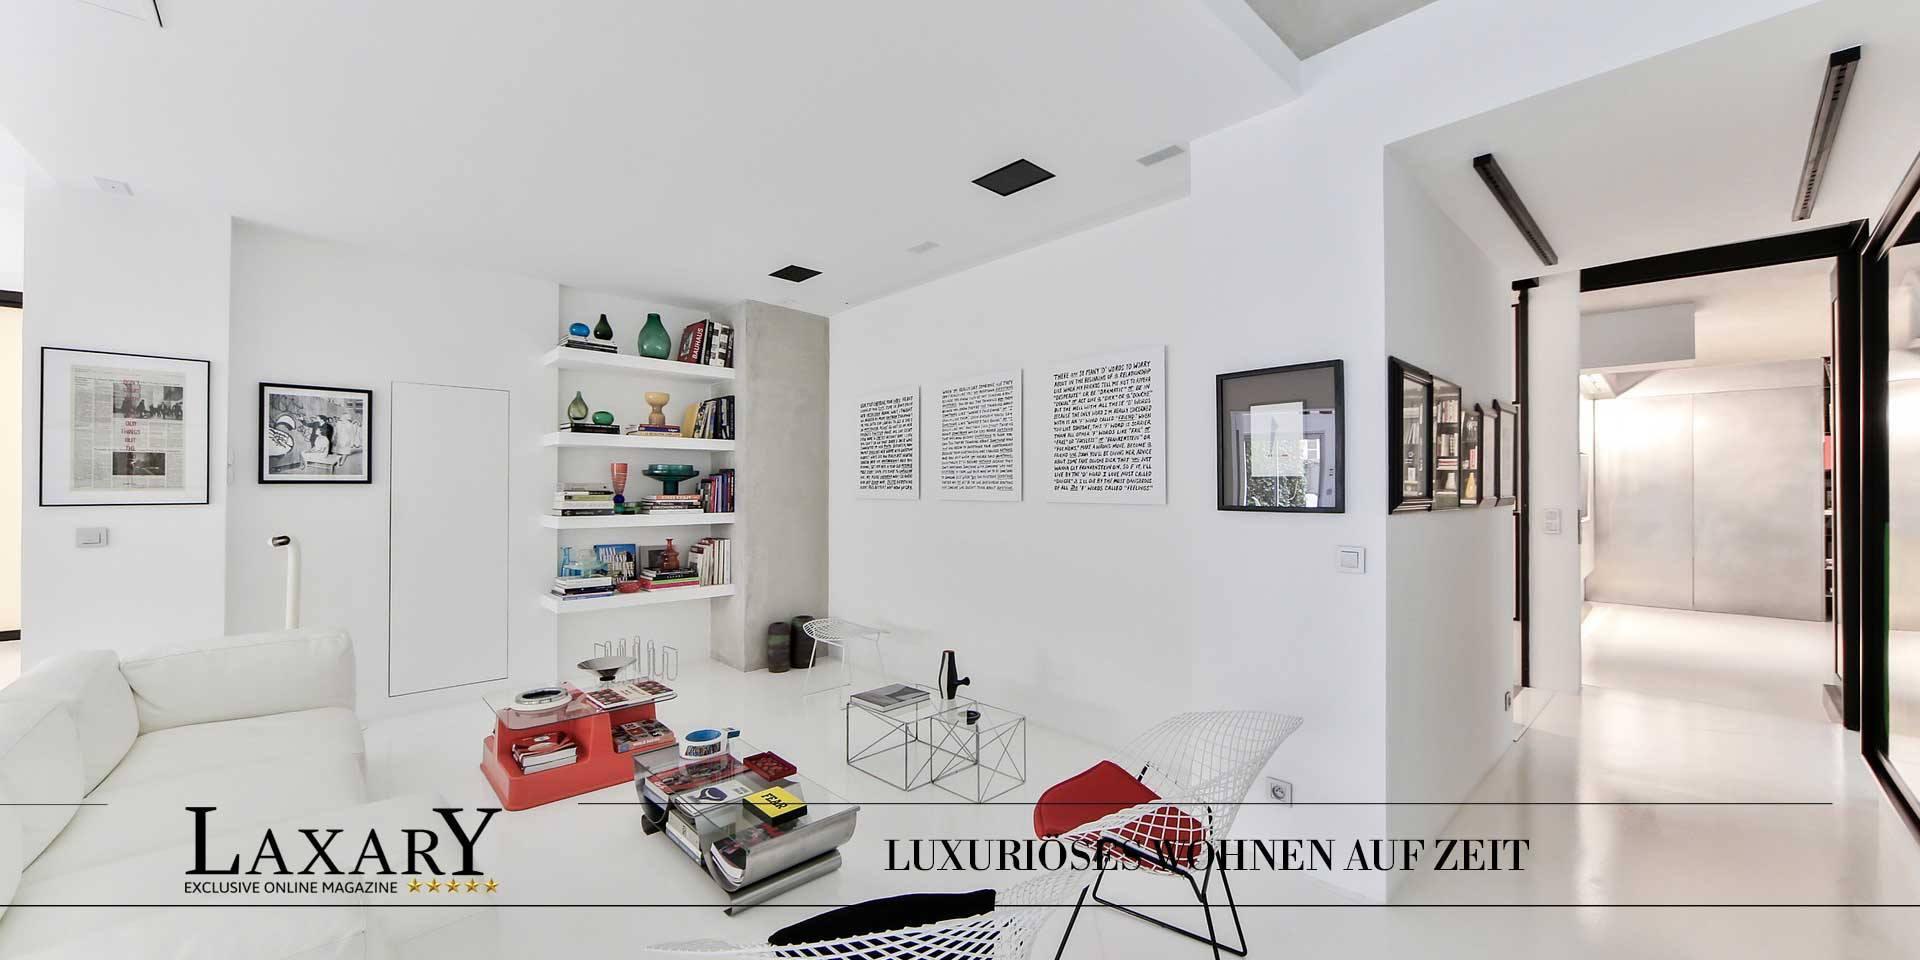 Luxuriöses Wohnen auf Zeit